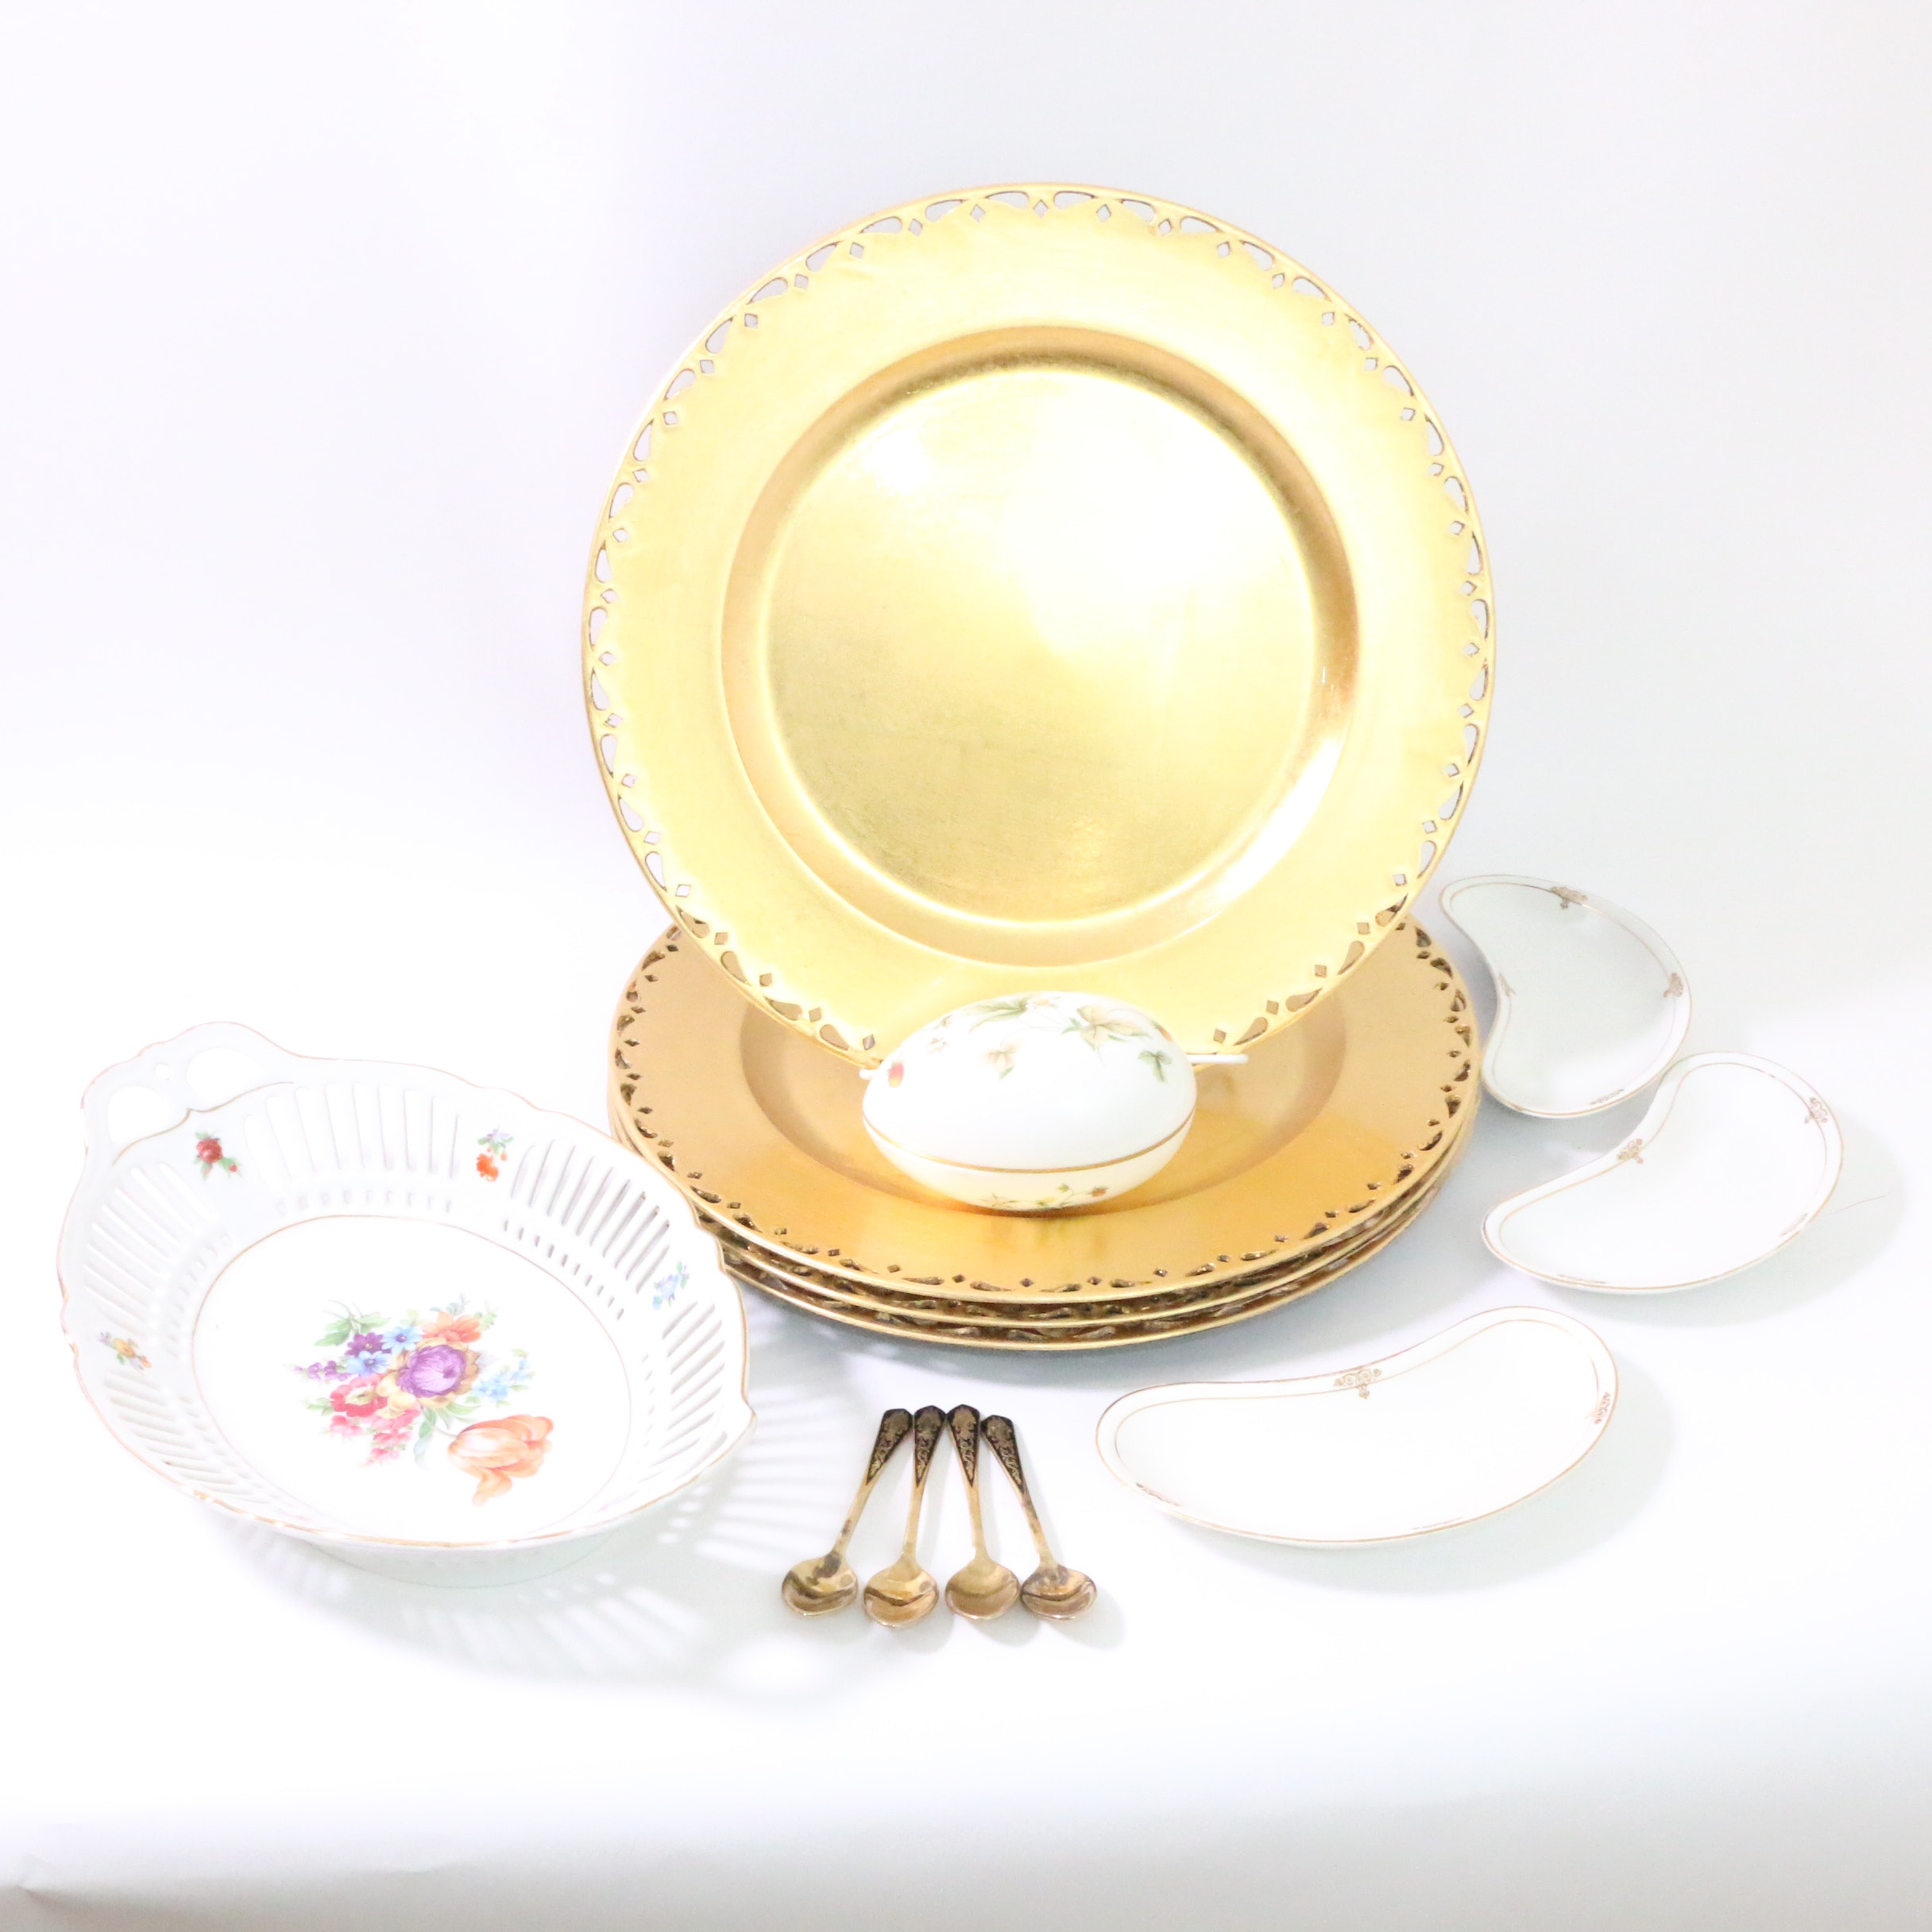 Assorted Tableware Including Porcelain